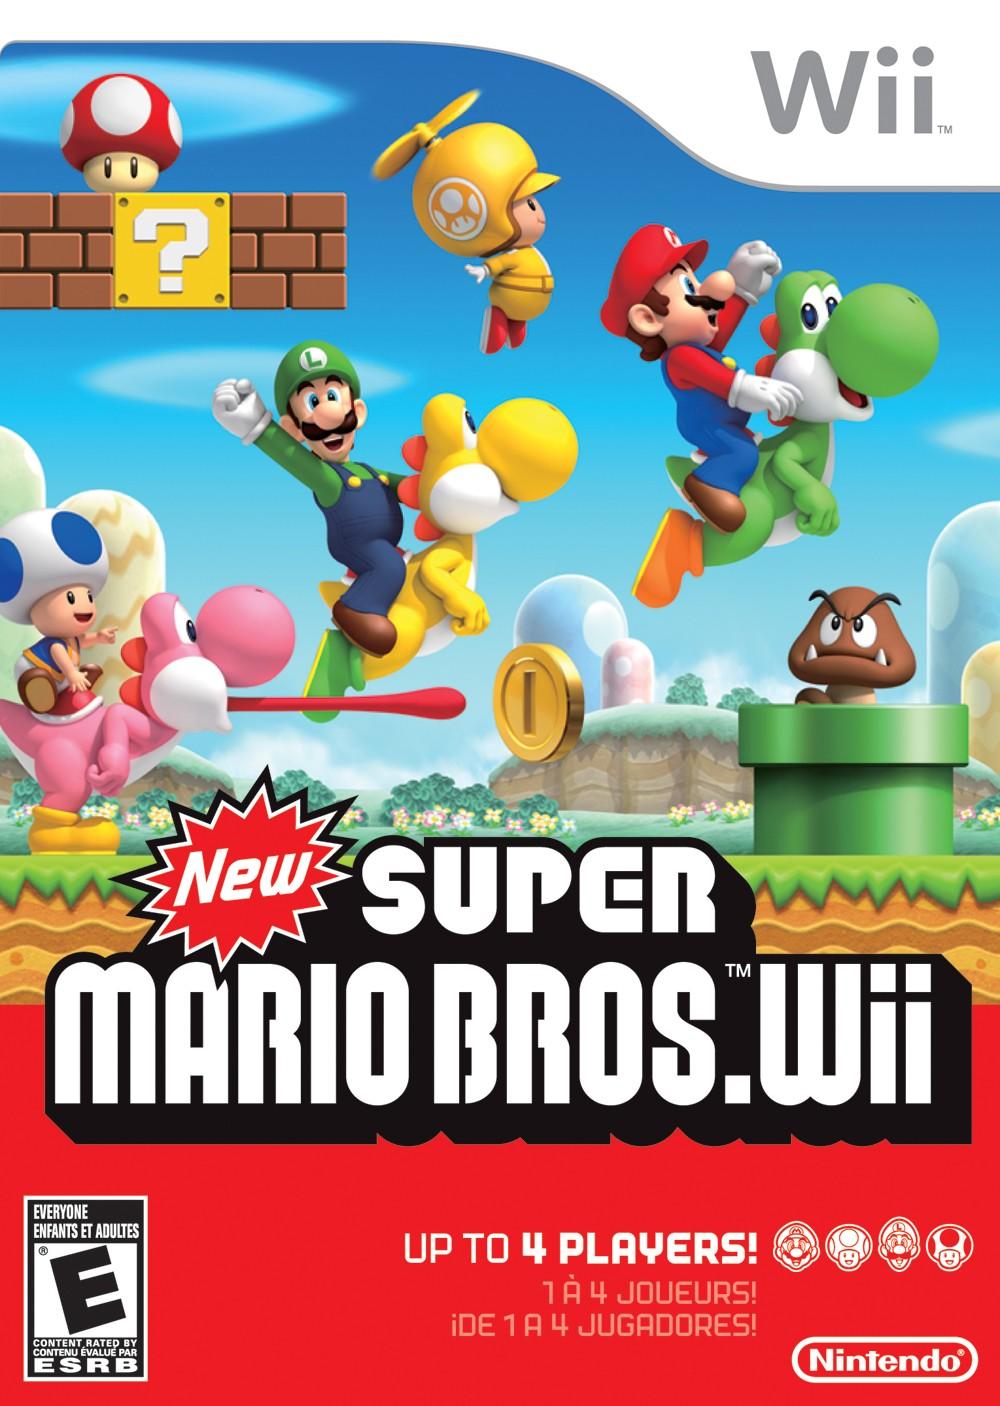 New Super Mario Bros. para Wii vendeu 10 milhões de cópias desde 2009 -  Voxel 400b9e3cd2